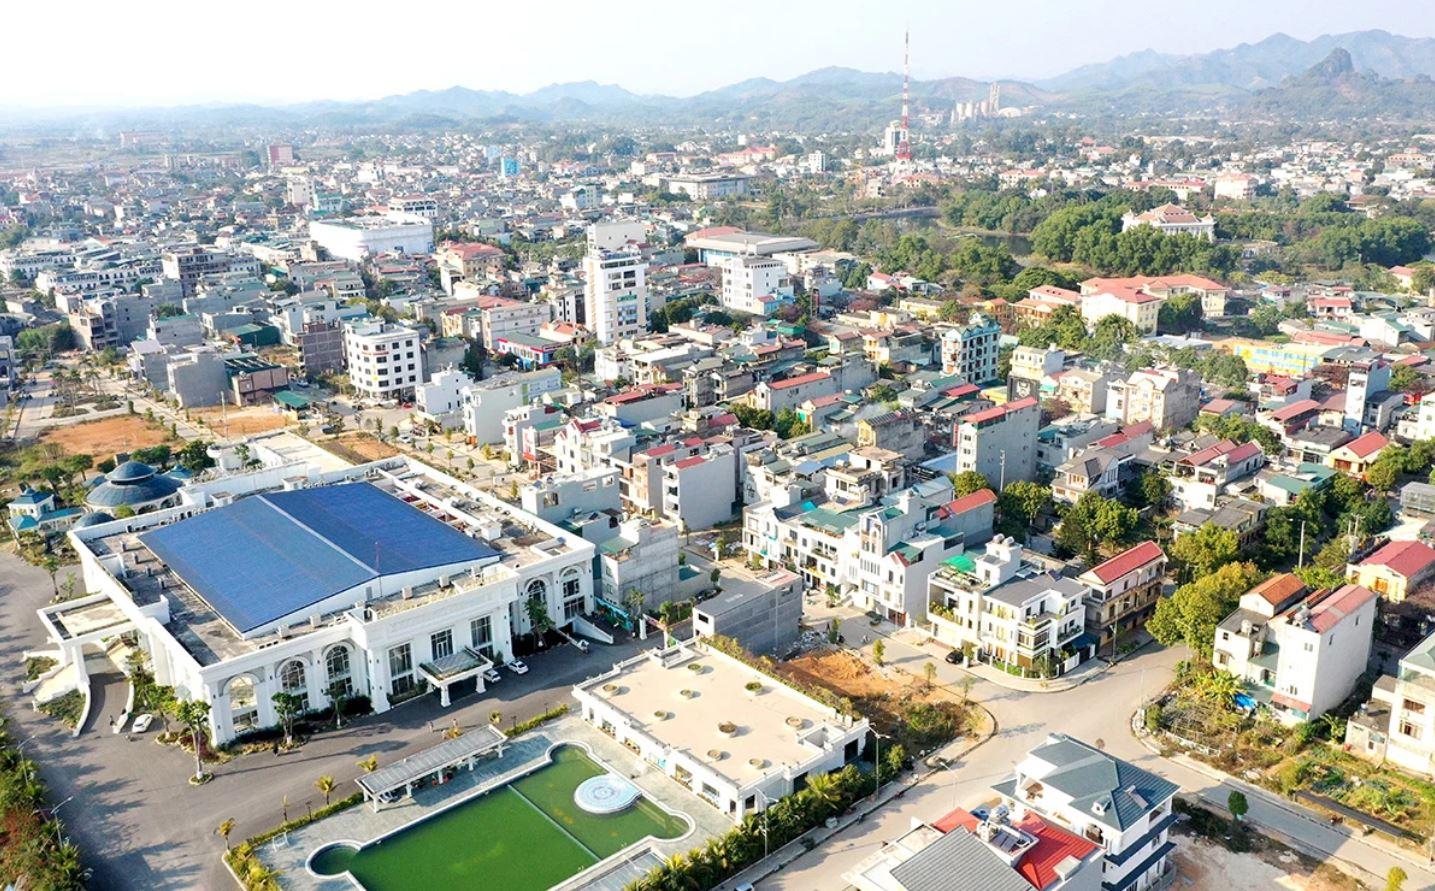 Bảng giá đất Tuyên Quang giai đoạn 2021-2024 - Ảnh 2.